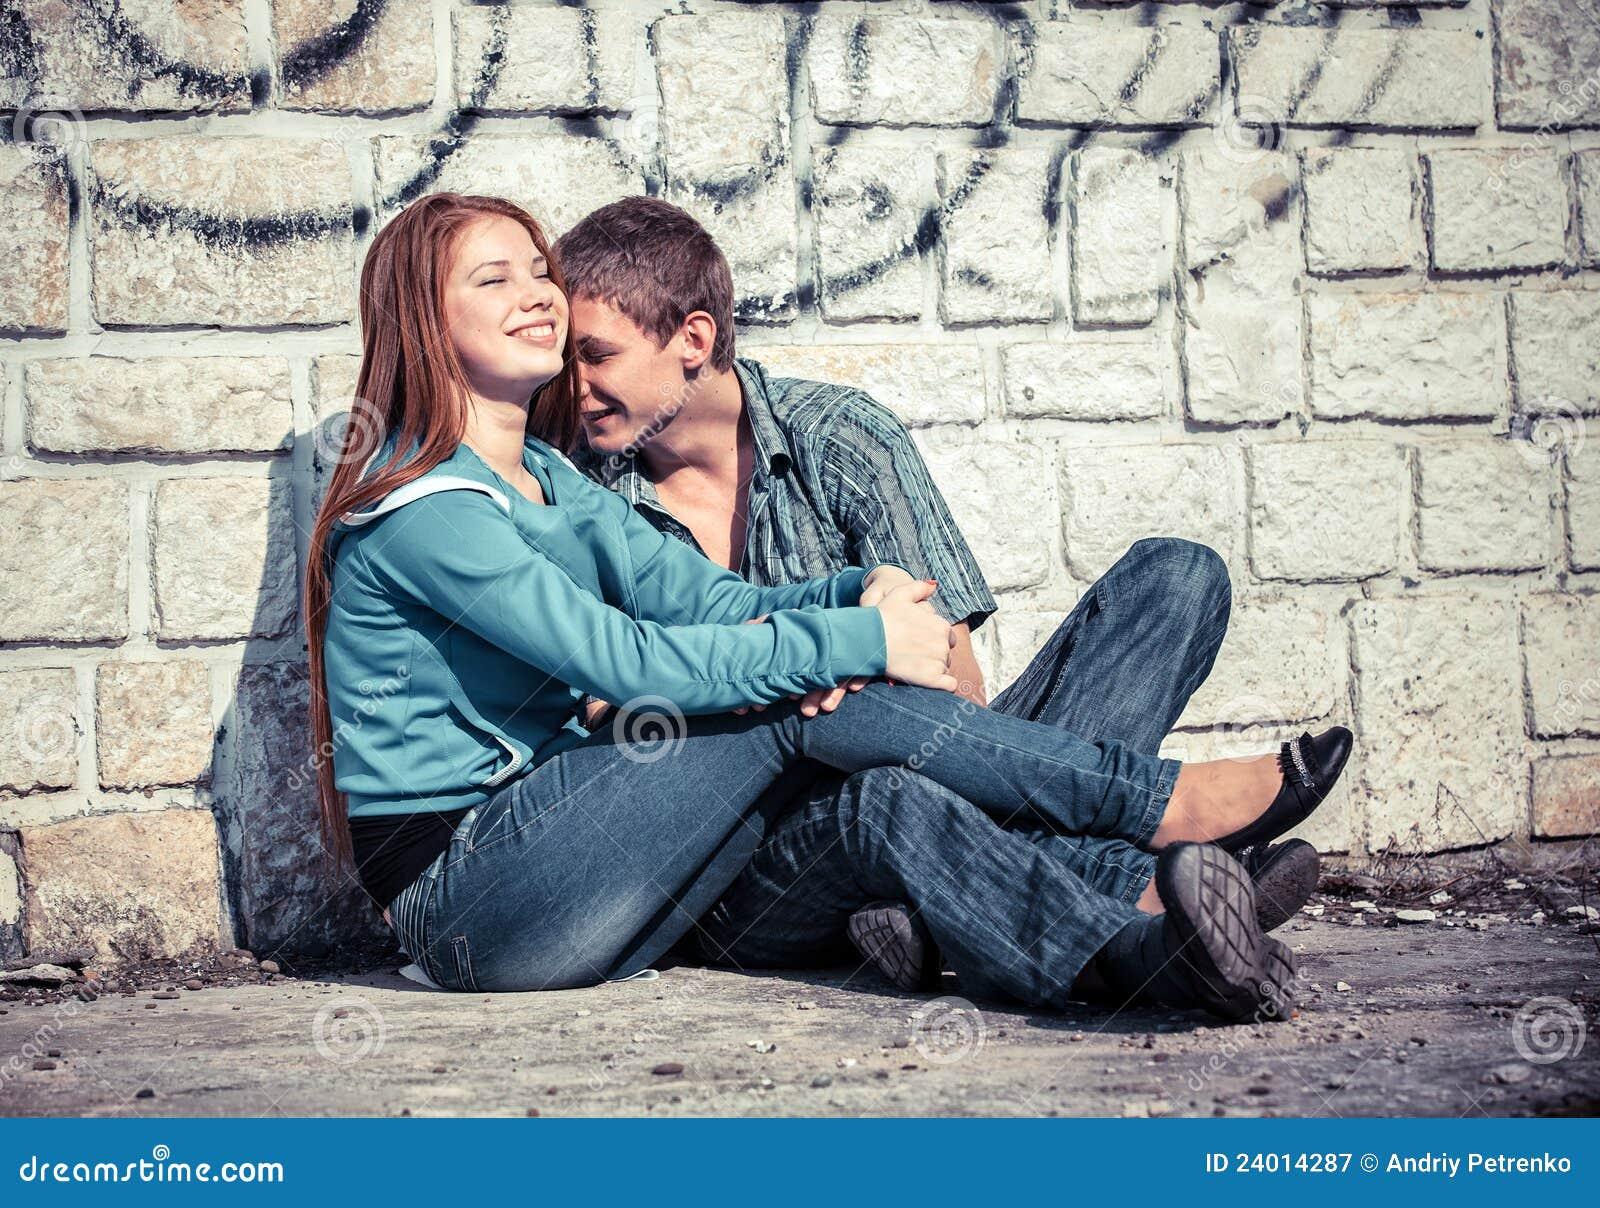 kvindens erogene zoner dating anmeldelser